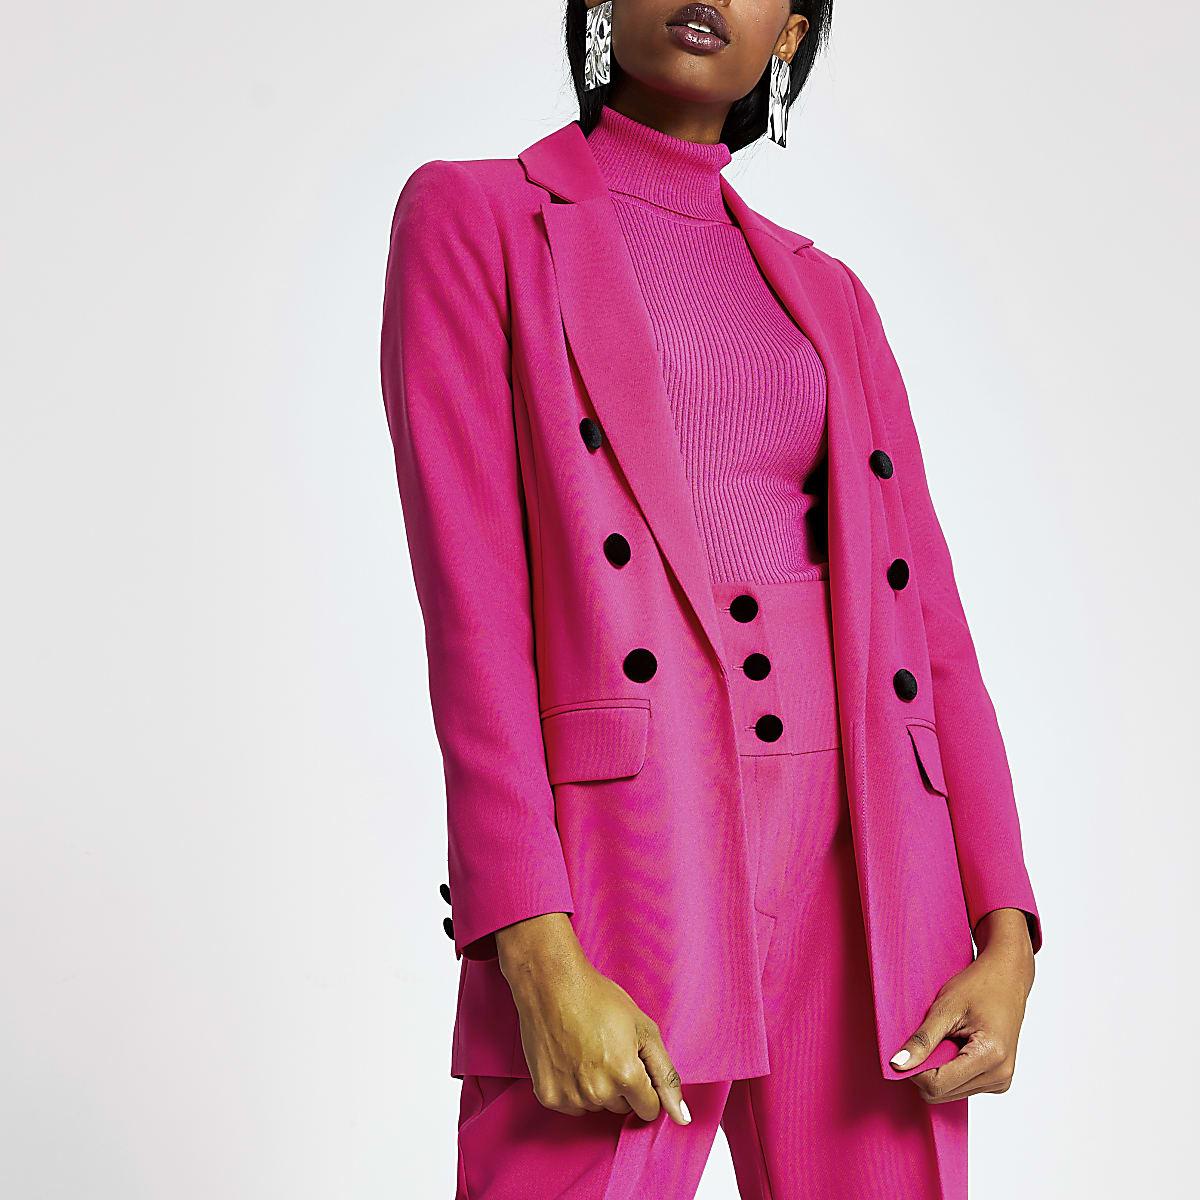 Roze fluwelen blazer met knopen